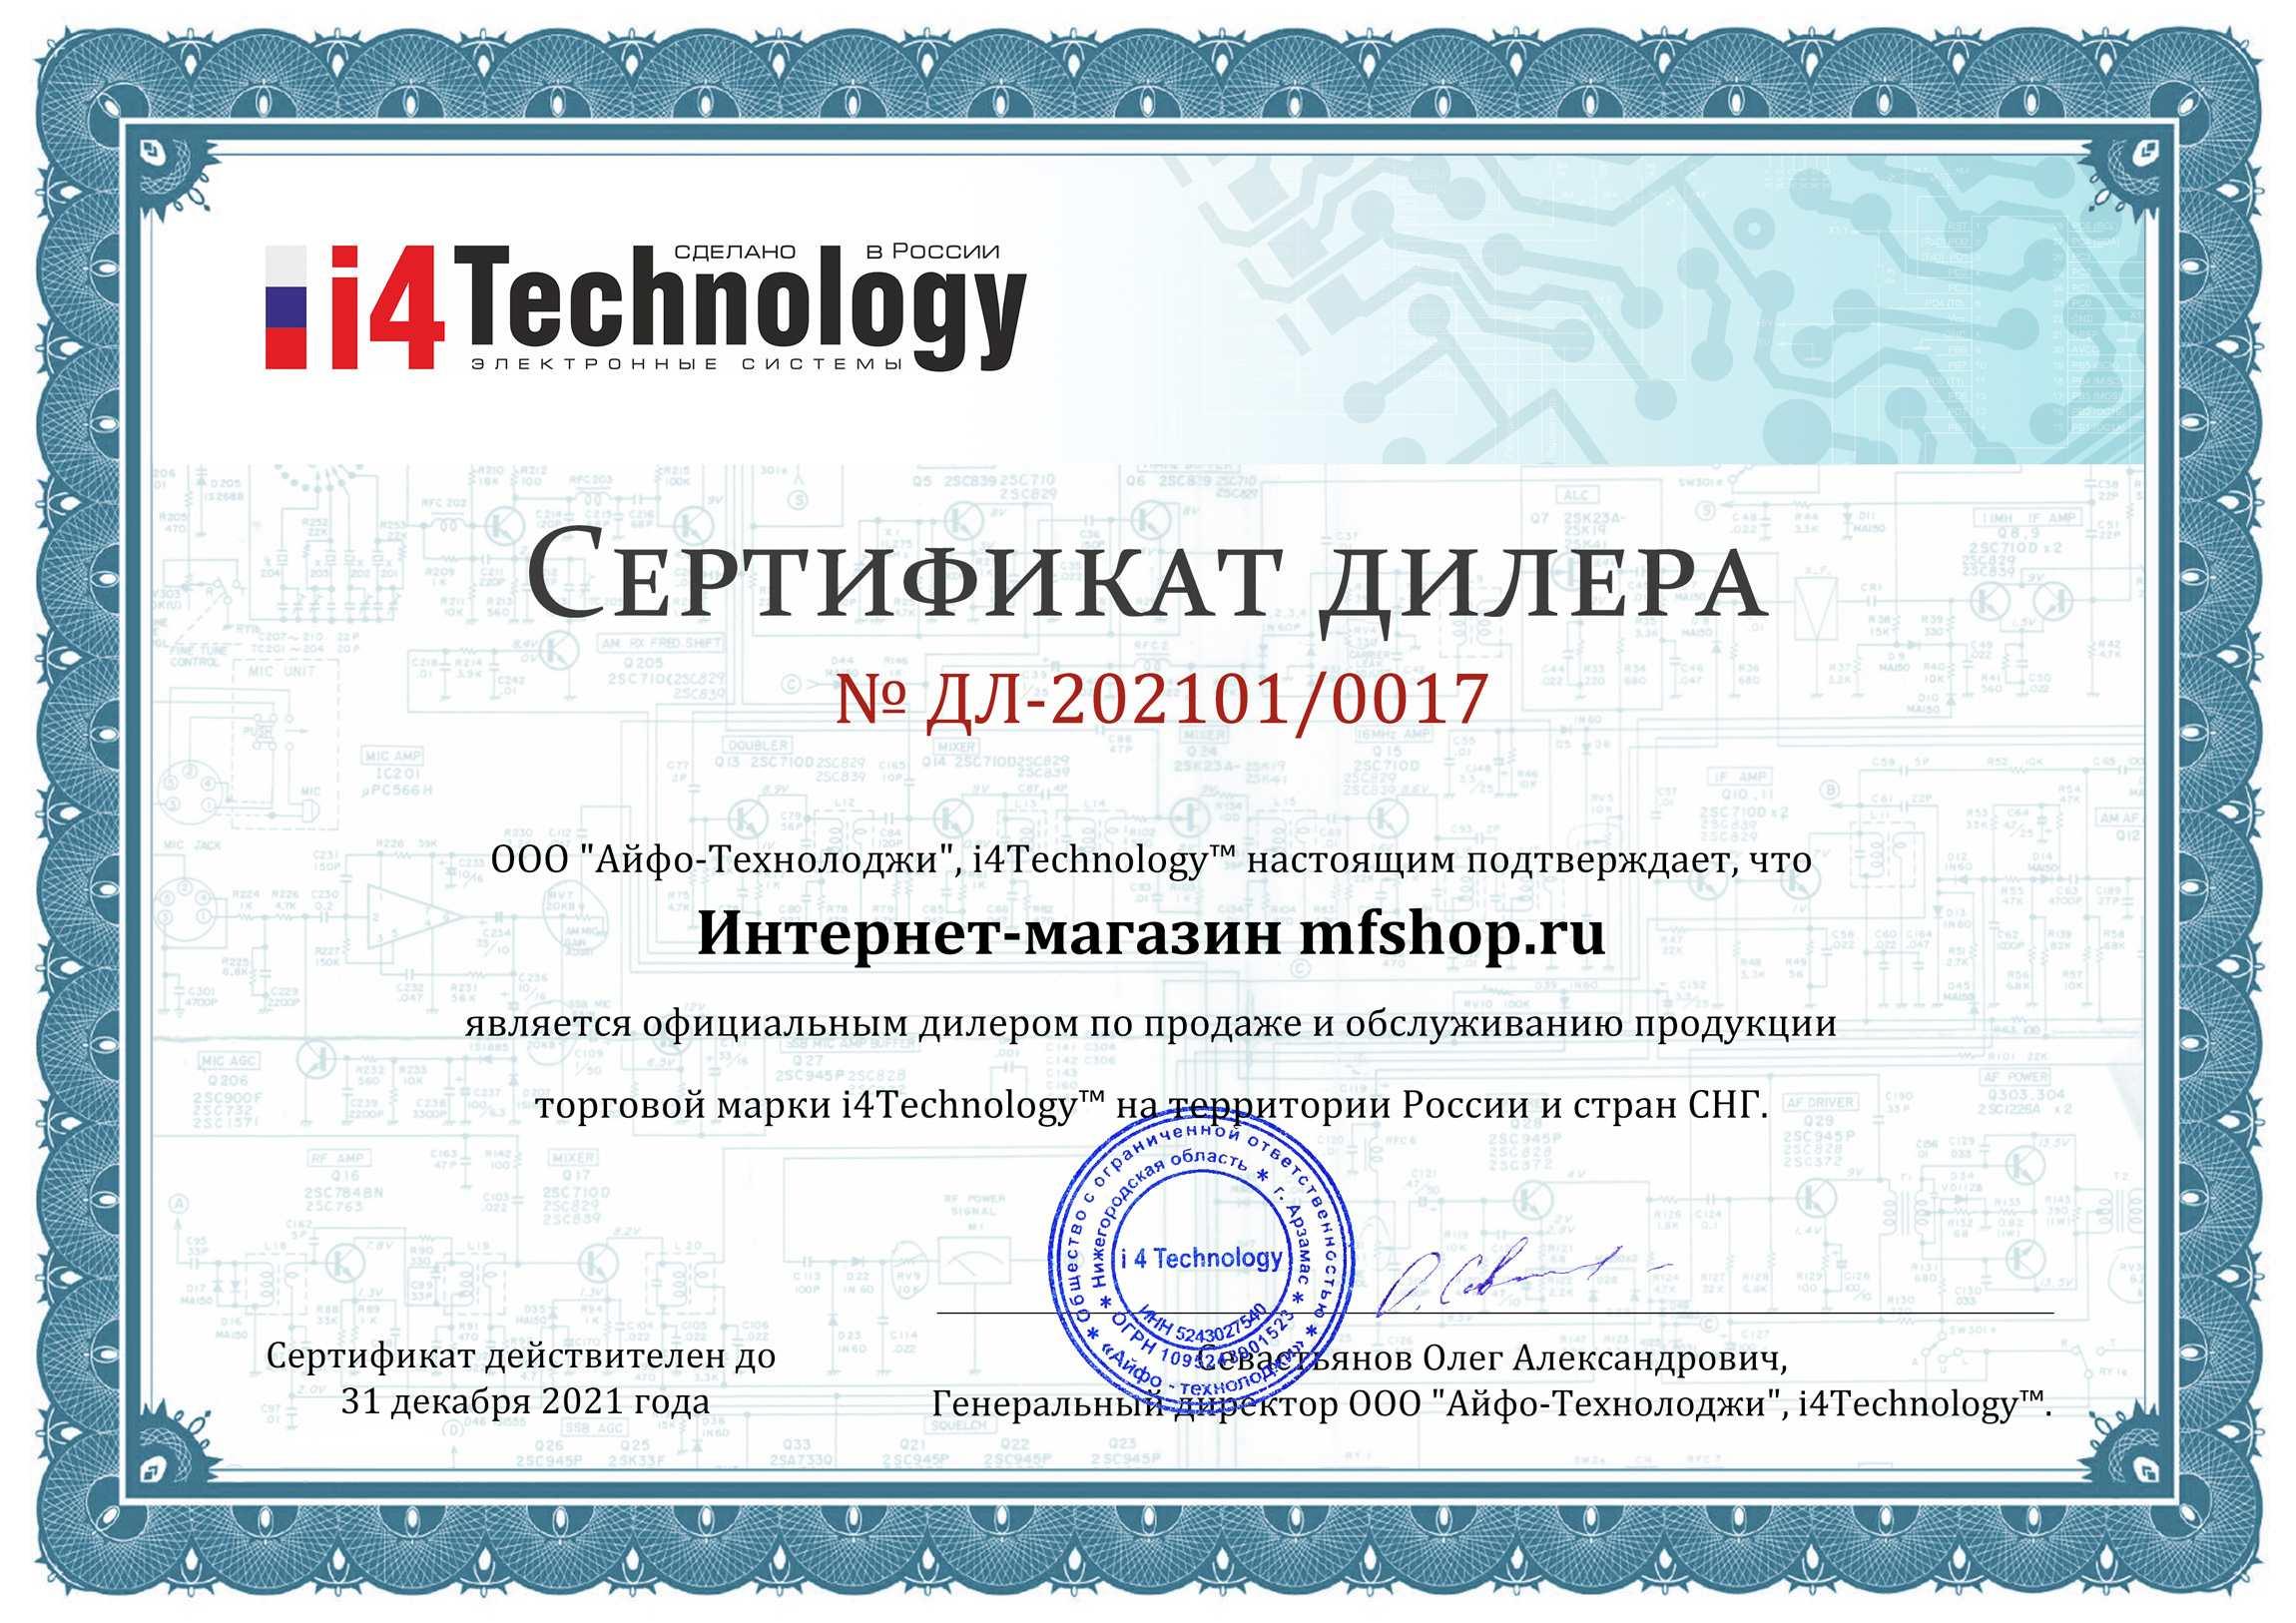 """Сертификат дилера от компании """"i4Technology"""""""